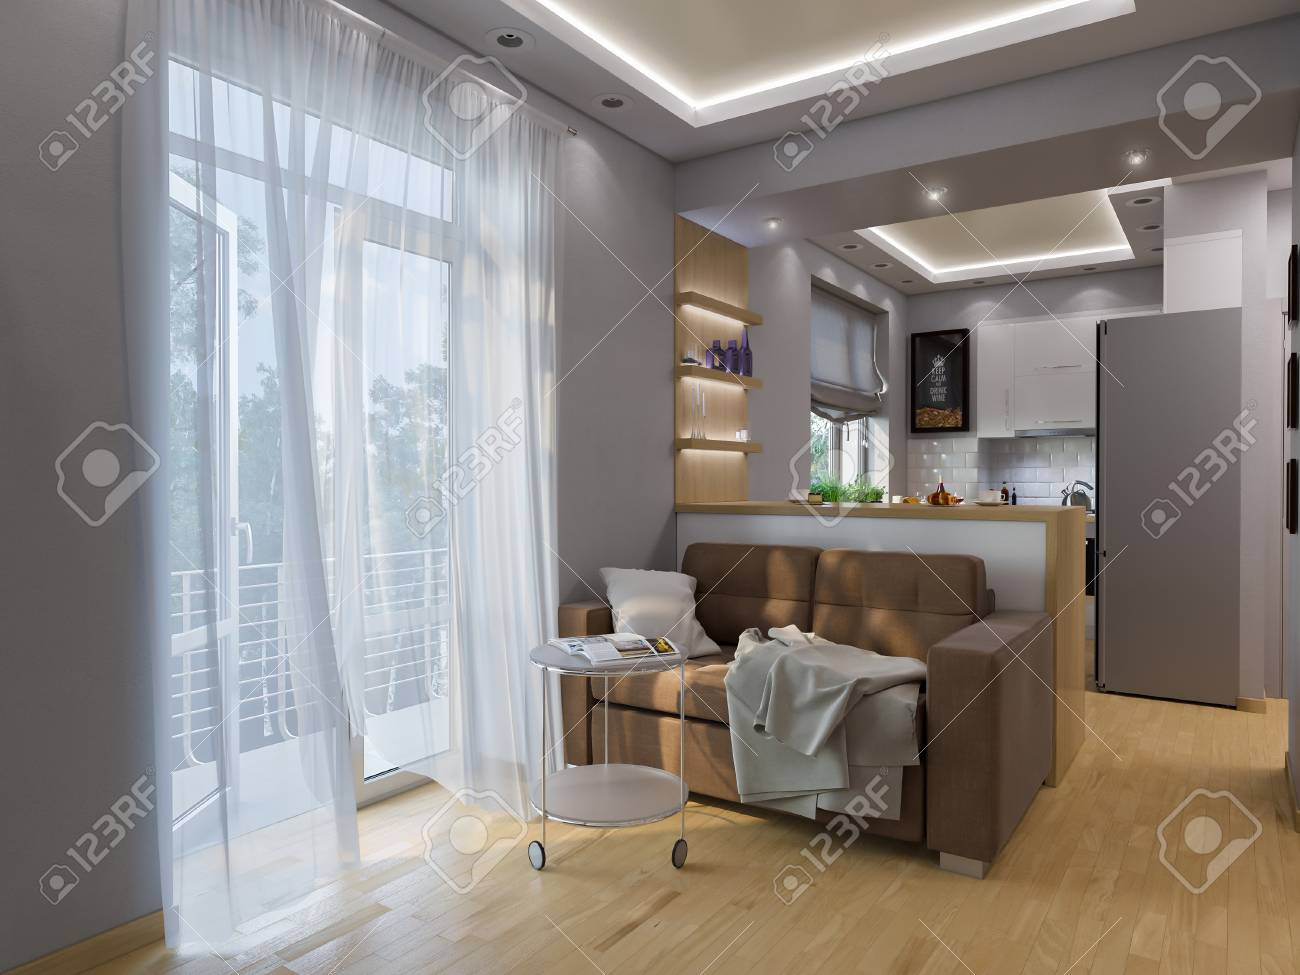 3D Darstellung Wohnzimmer Und Küche Interieur. Moderne Studio Apartment Im  Skandinavischen Minimalistischen Stil